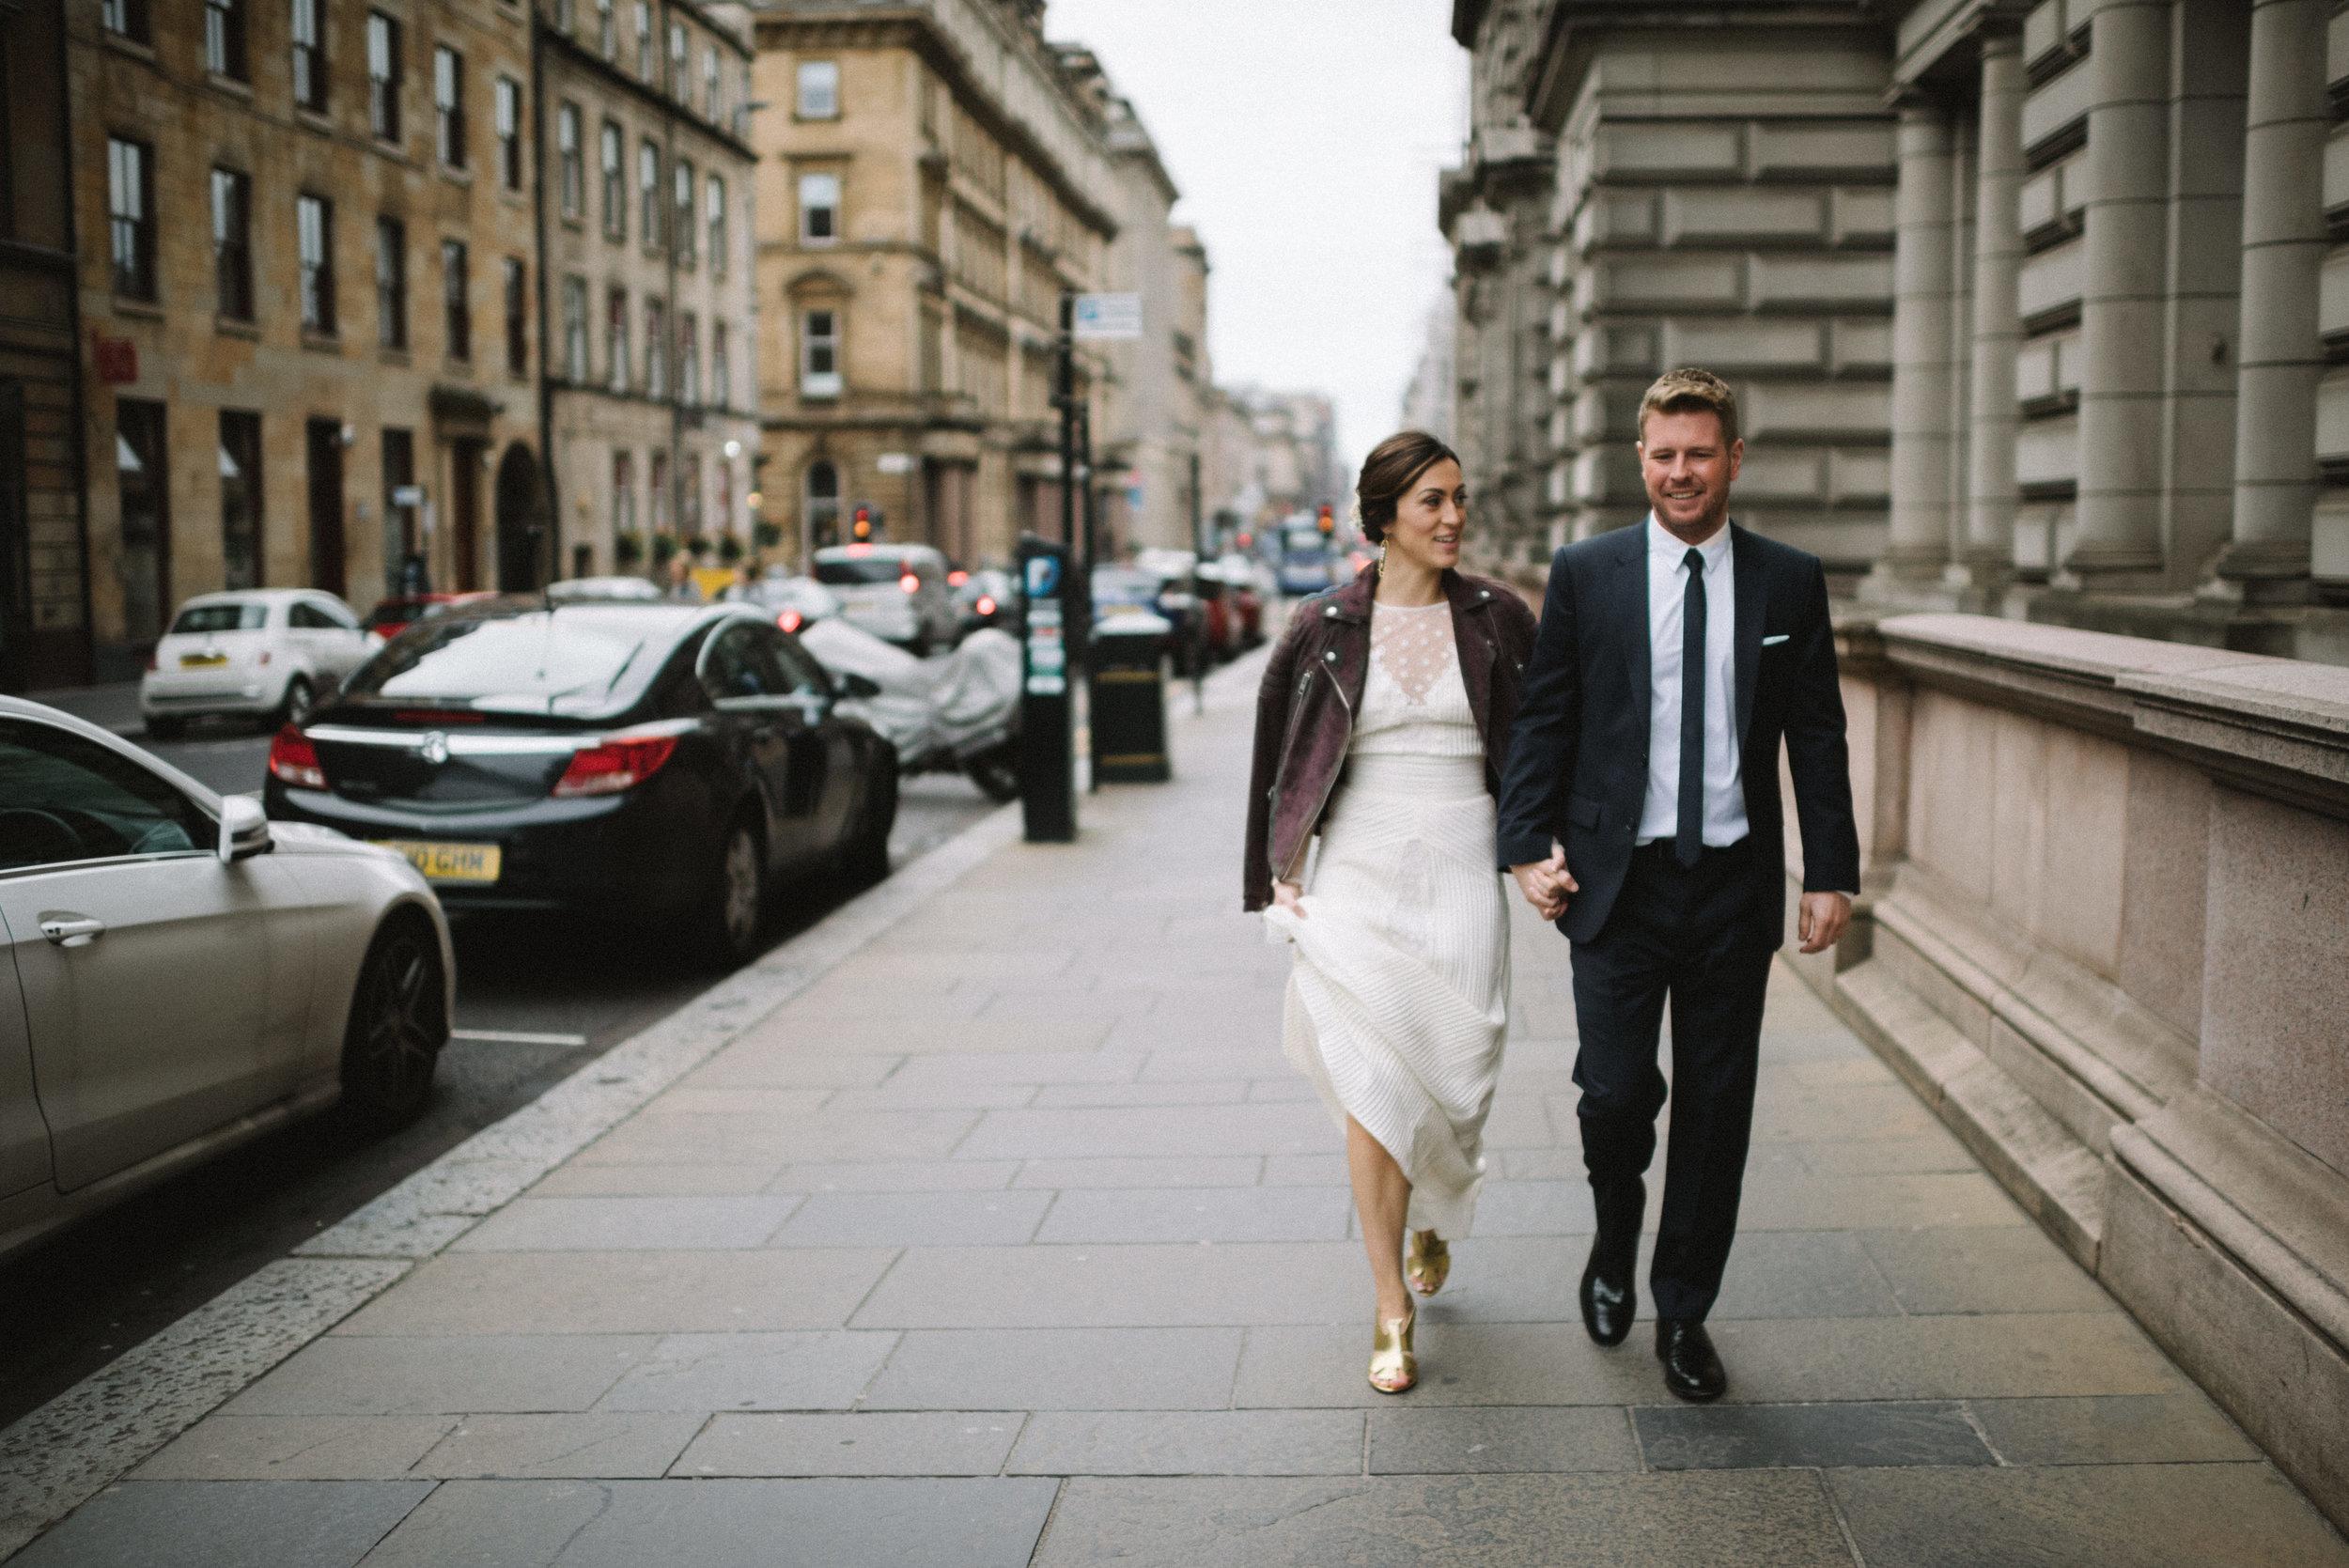 011-LisaDevine-WeddingFavourites01.jpg